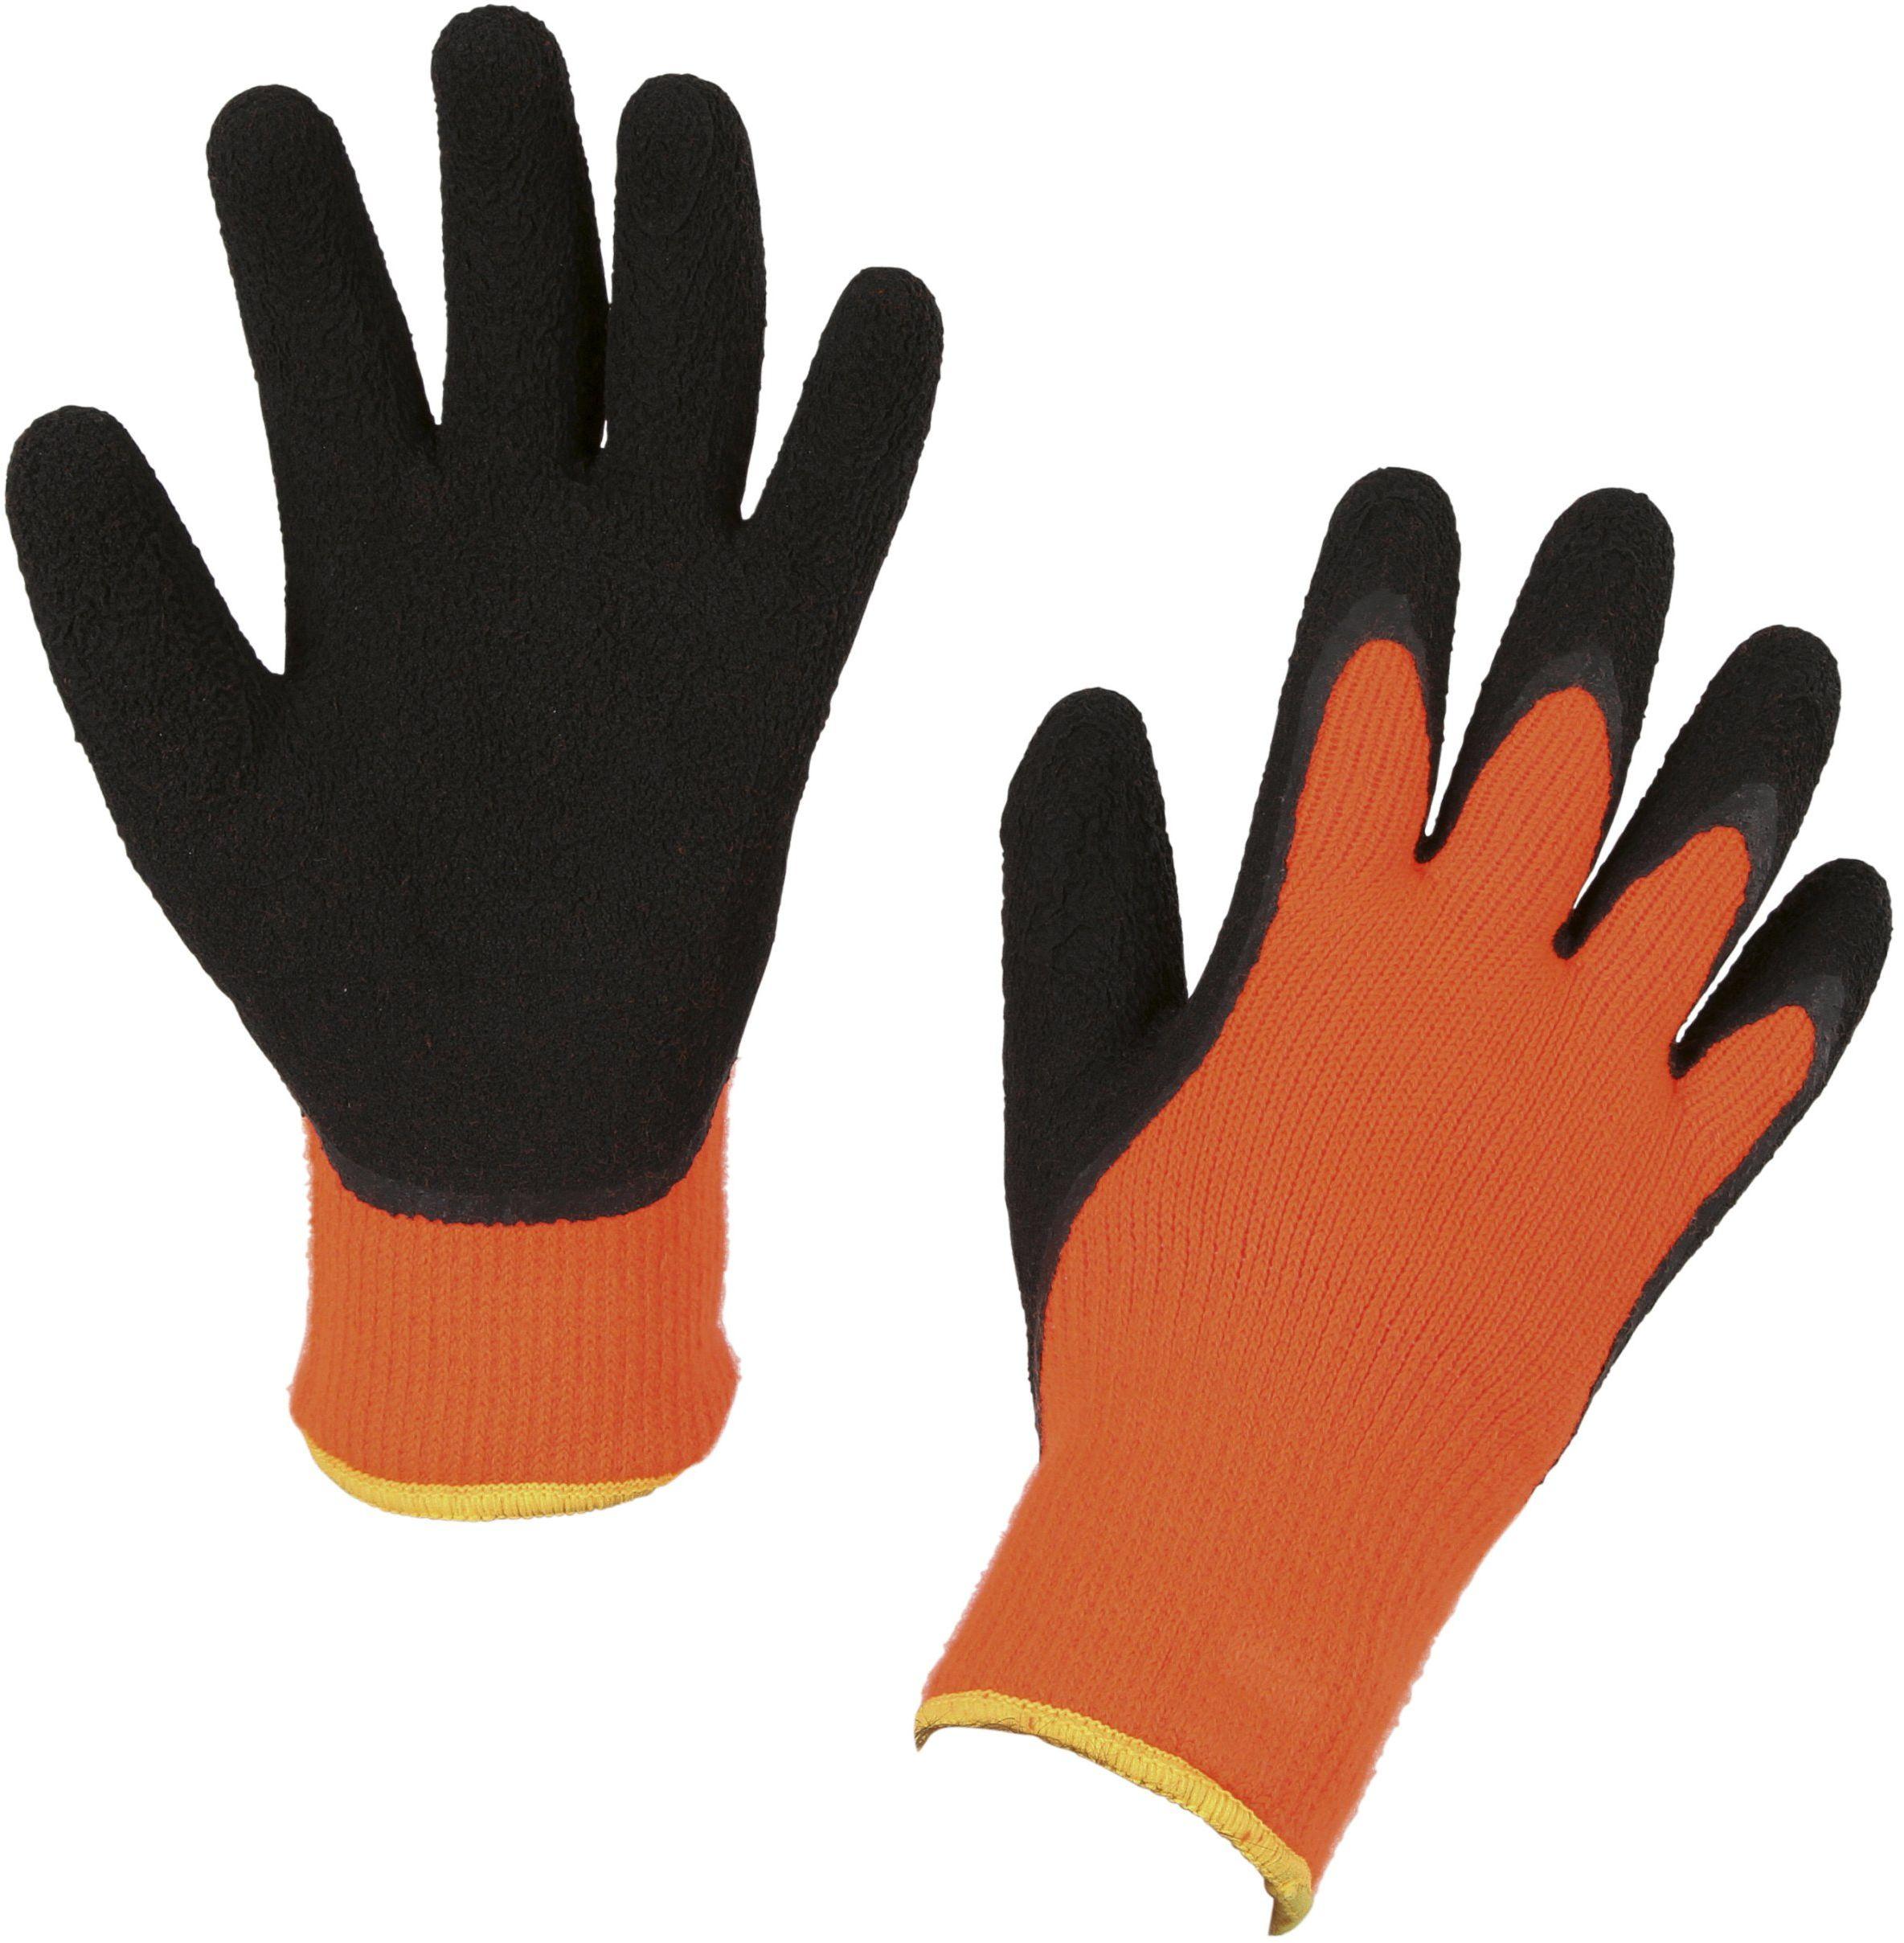 Kerbl 297485 rękawice zimowe IceGrip rozmiar 11/XXL, dzianinowe kapelusze lateksowe, pomarańczowe